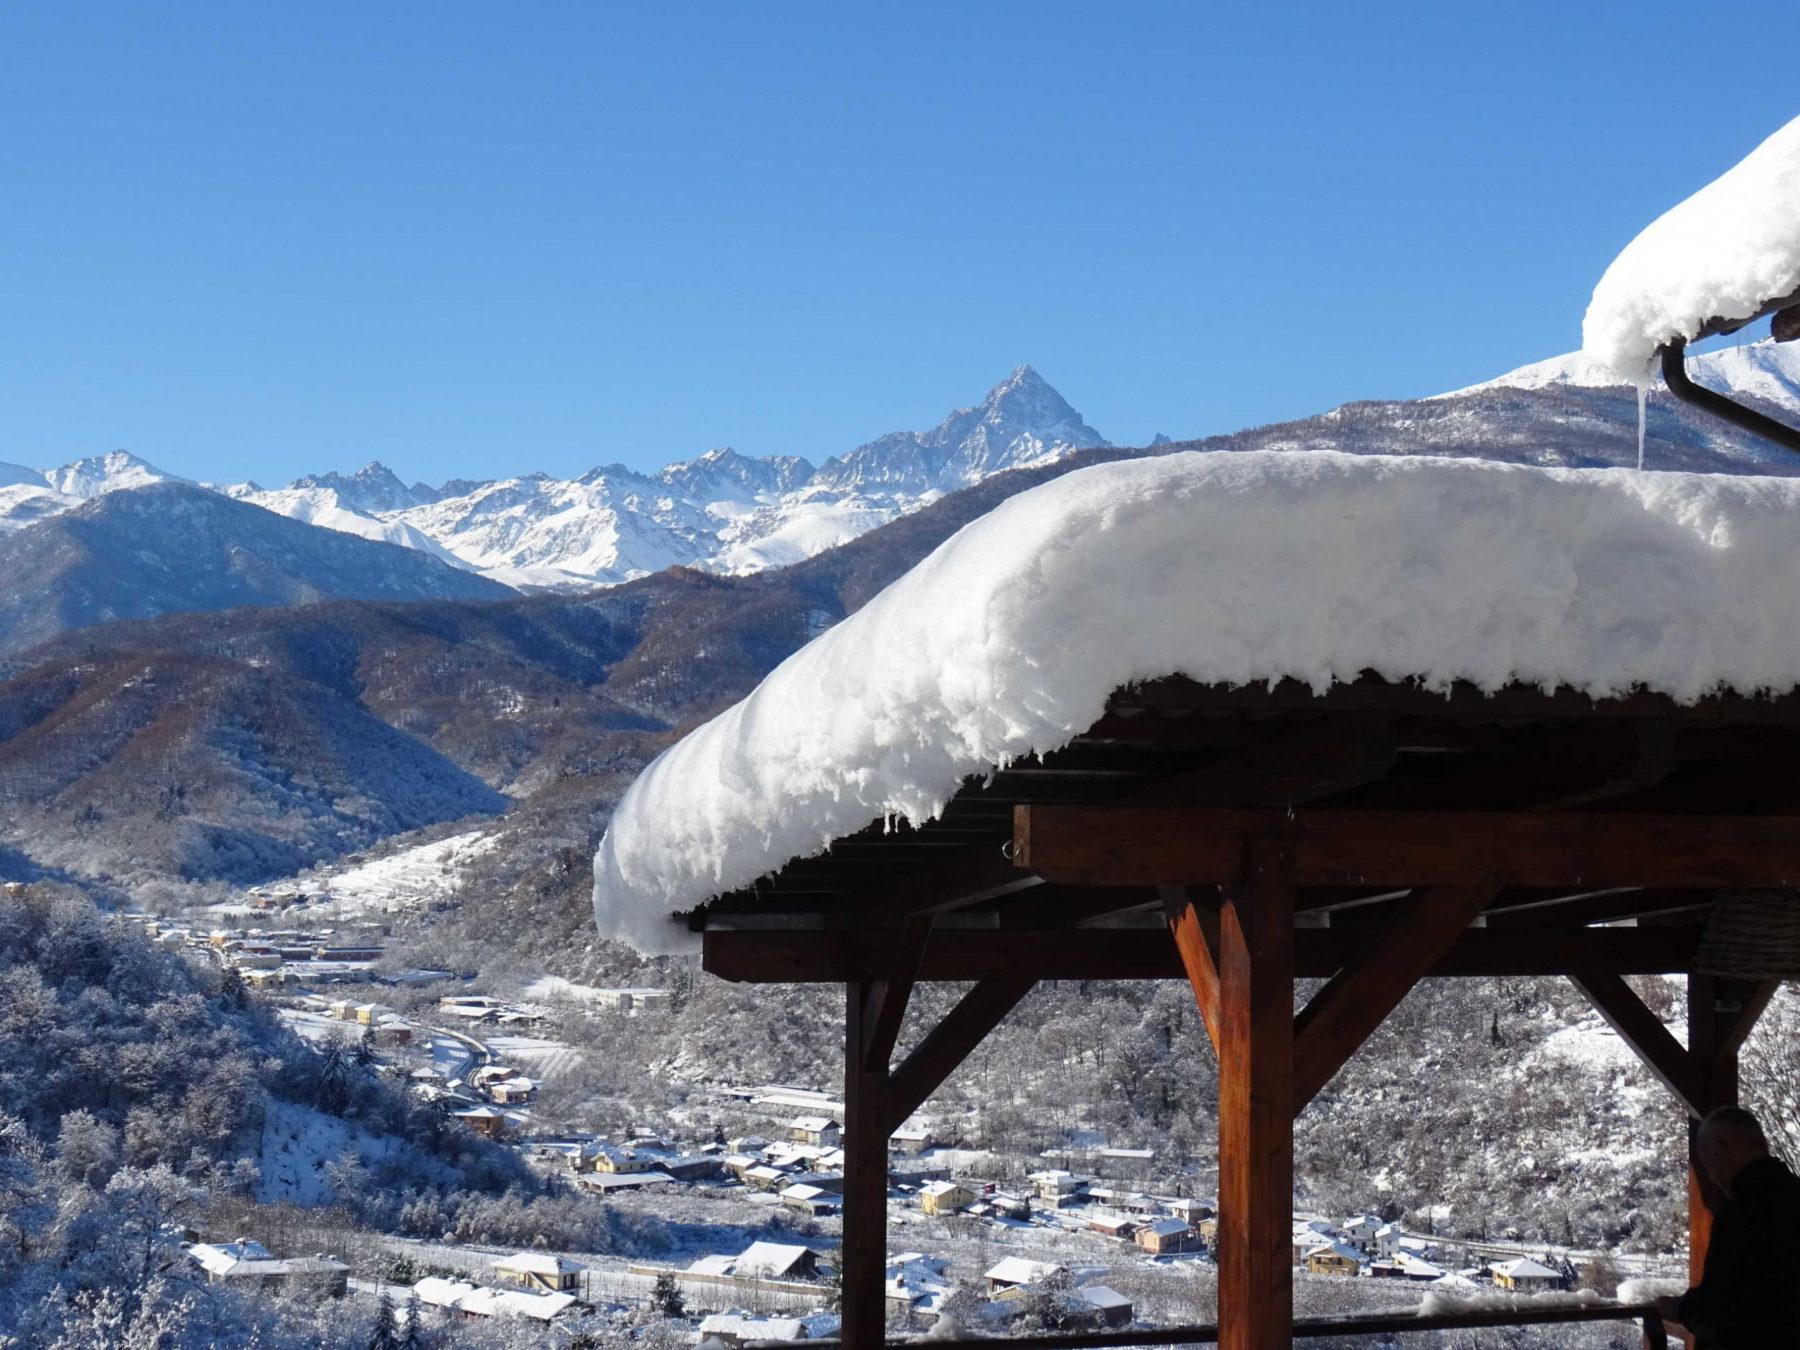 udsigt -sne